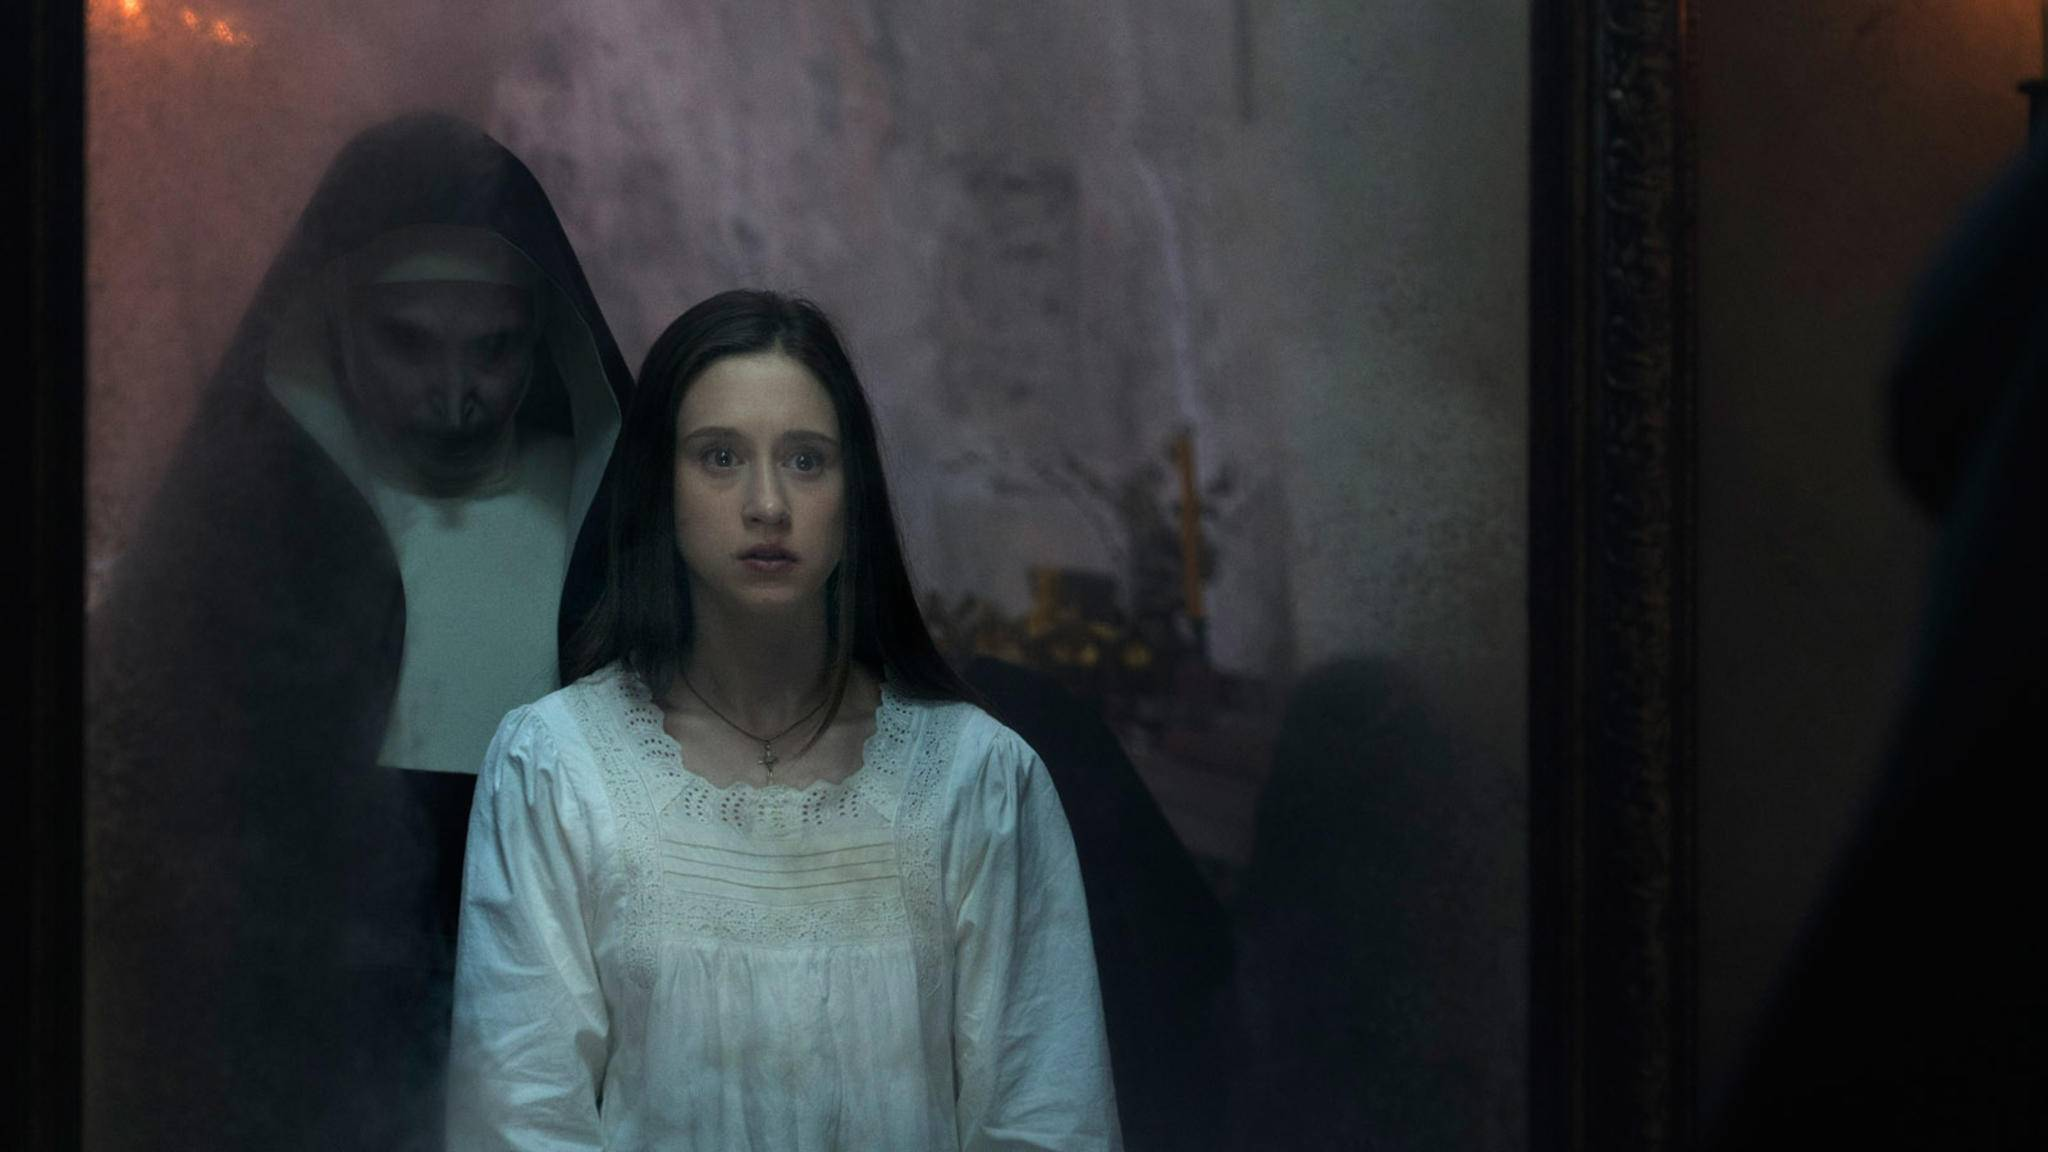 """Nicht erschrecken! Mit den folgenden acht Fakten zu """"The Nun"""" gehst Du gut gewappnet ins Kino."""